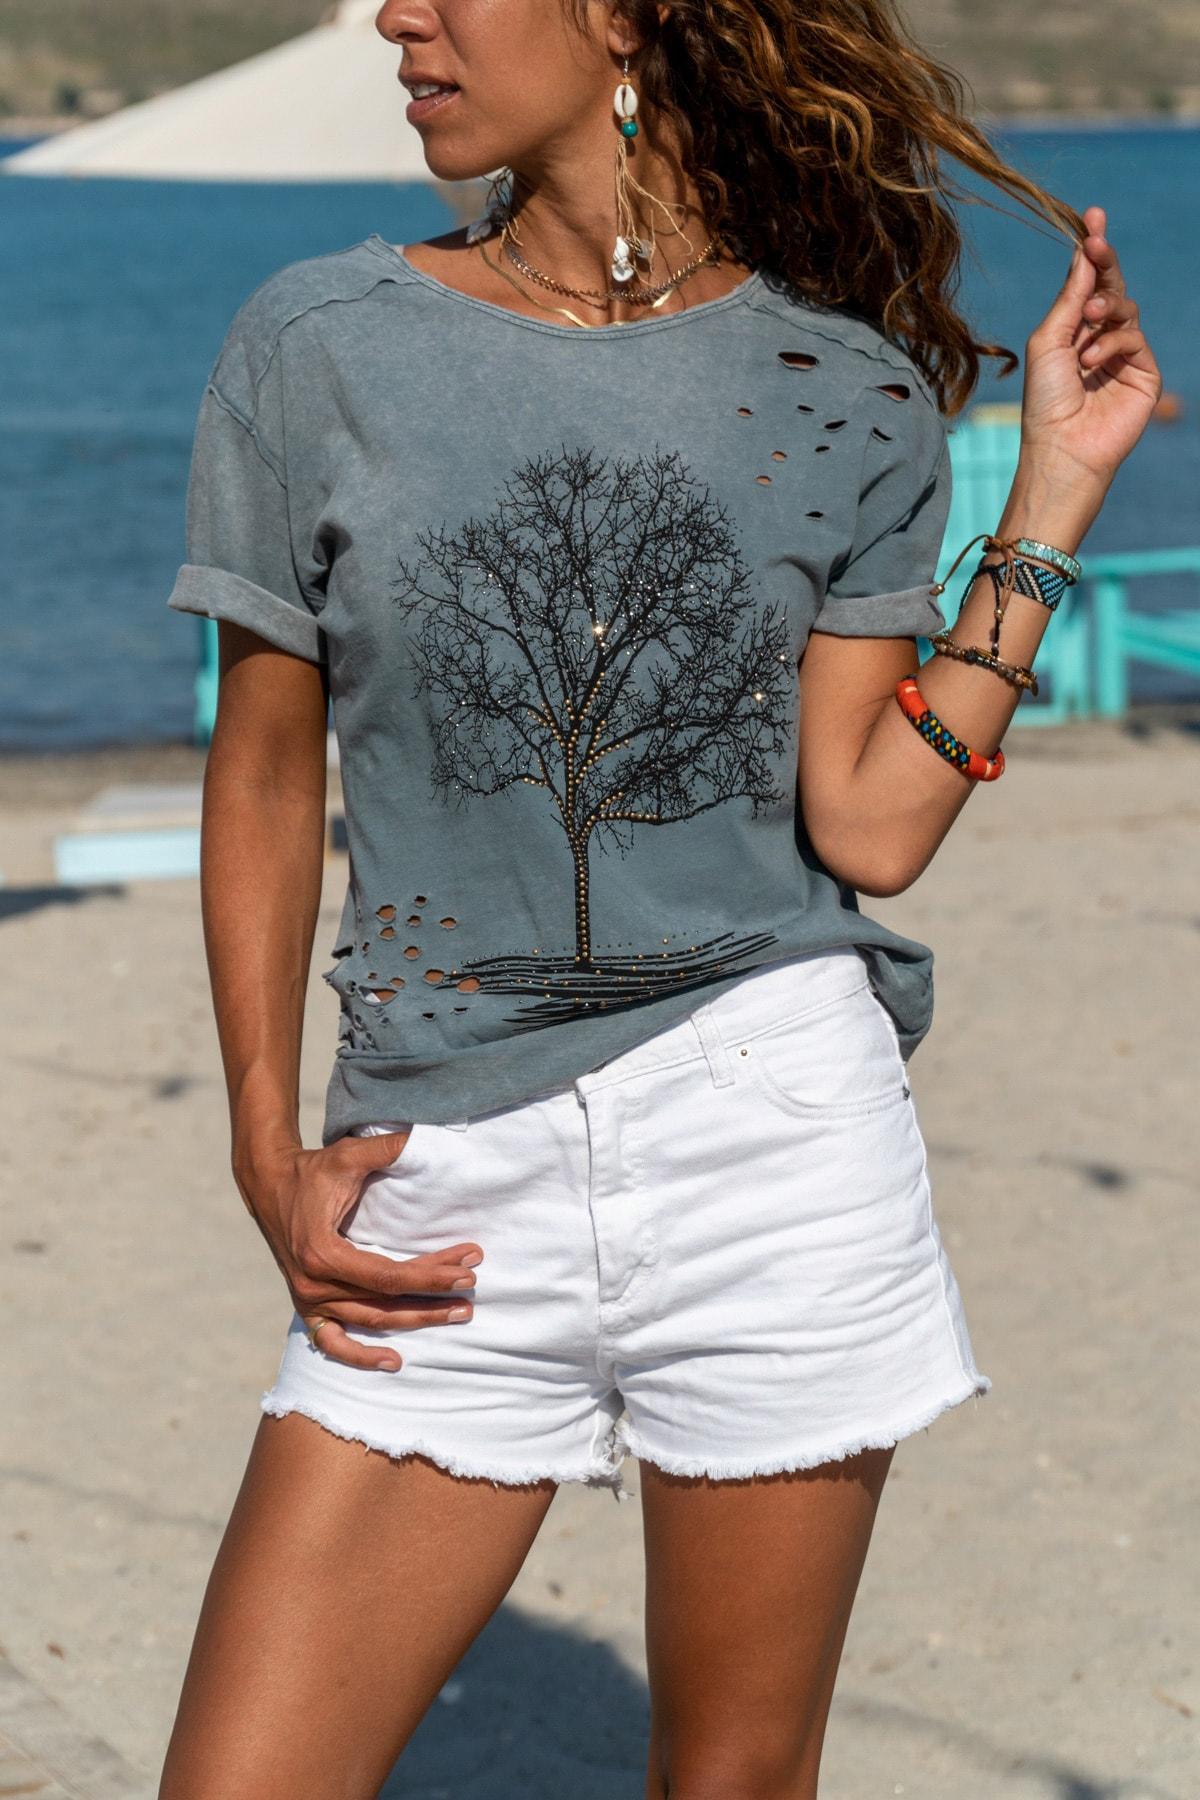 Güneşkızı Kadın Gri Yıkamalı Yırtıklı Işlemeli T-shirt Gk-cck58052